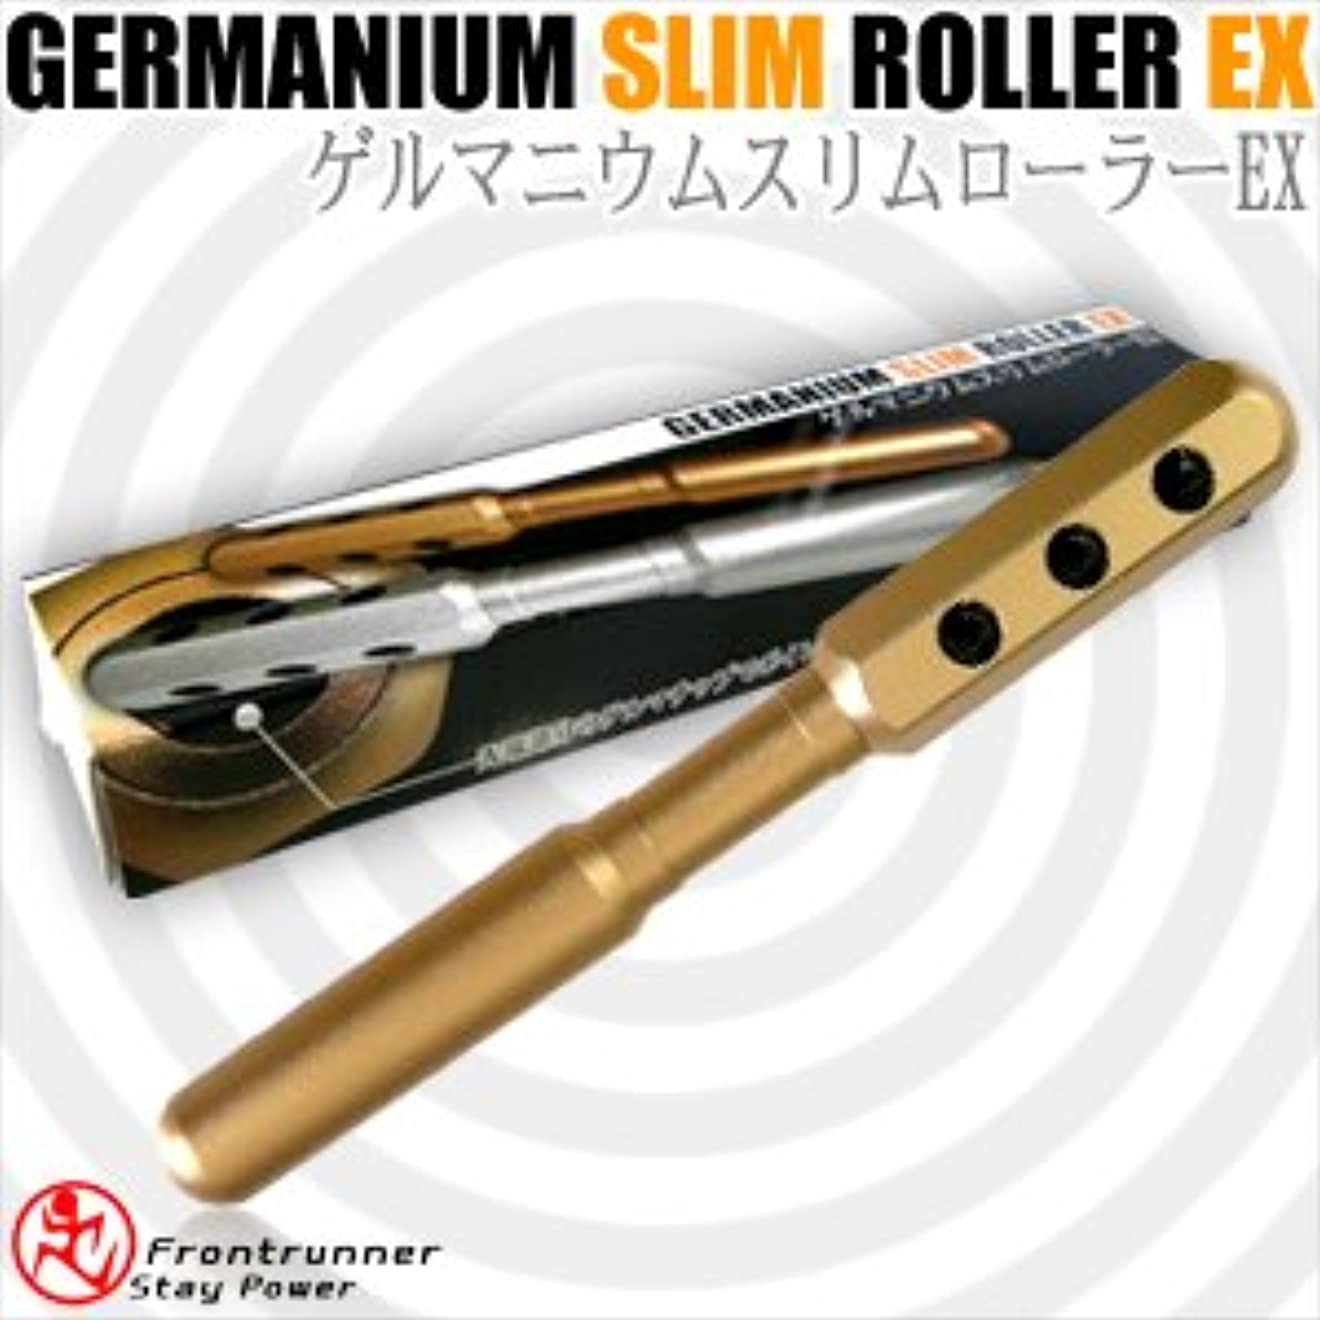 どきどきうんディレクトリゲルマニウムスリムローラーEX(ゴールド)